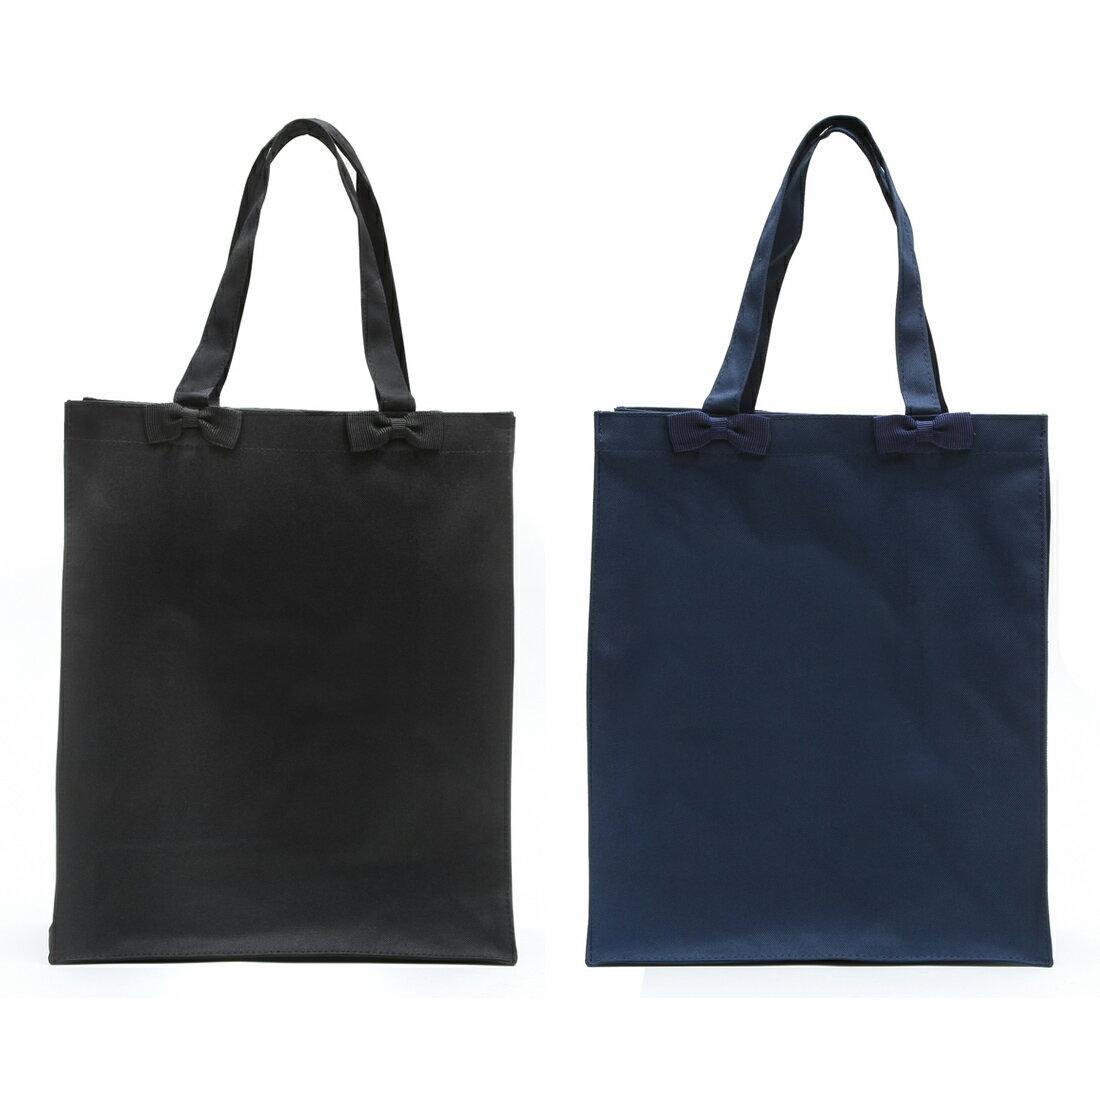 お受験 バッグ 【縦型】リボン サブバッグ【Lサイズ】【紺/黒】お受験/面接/学校説明会/フォーマル【あす楽】